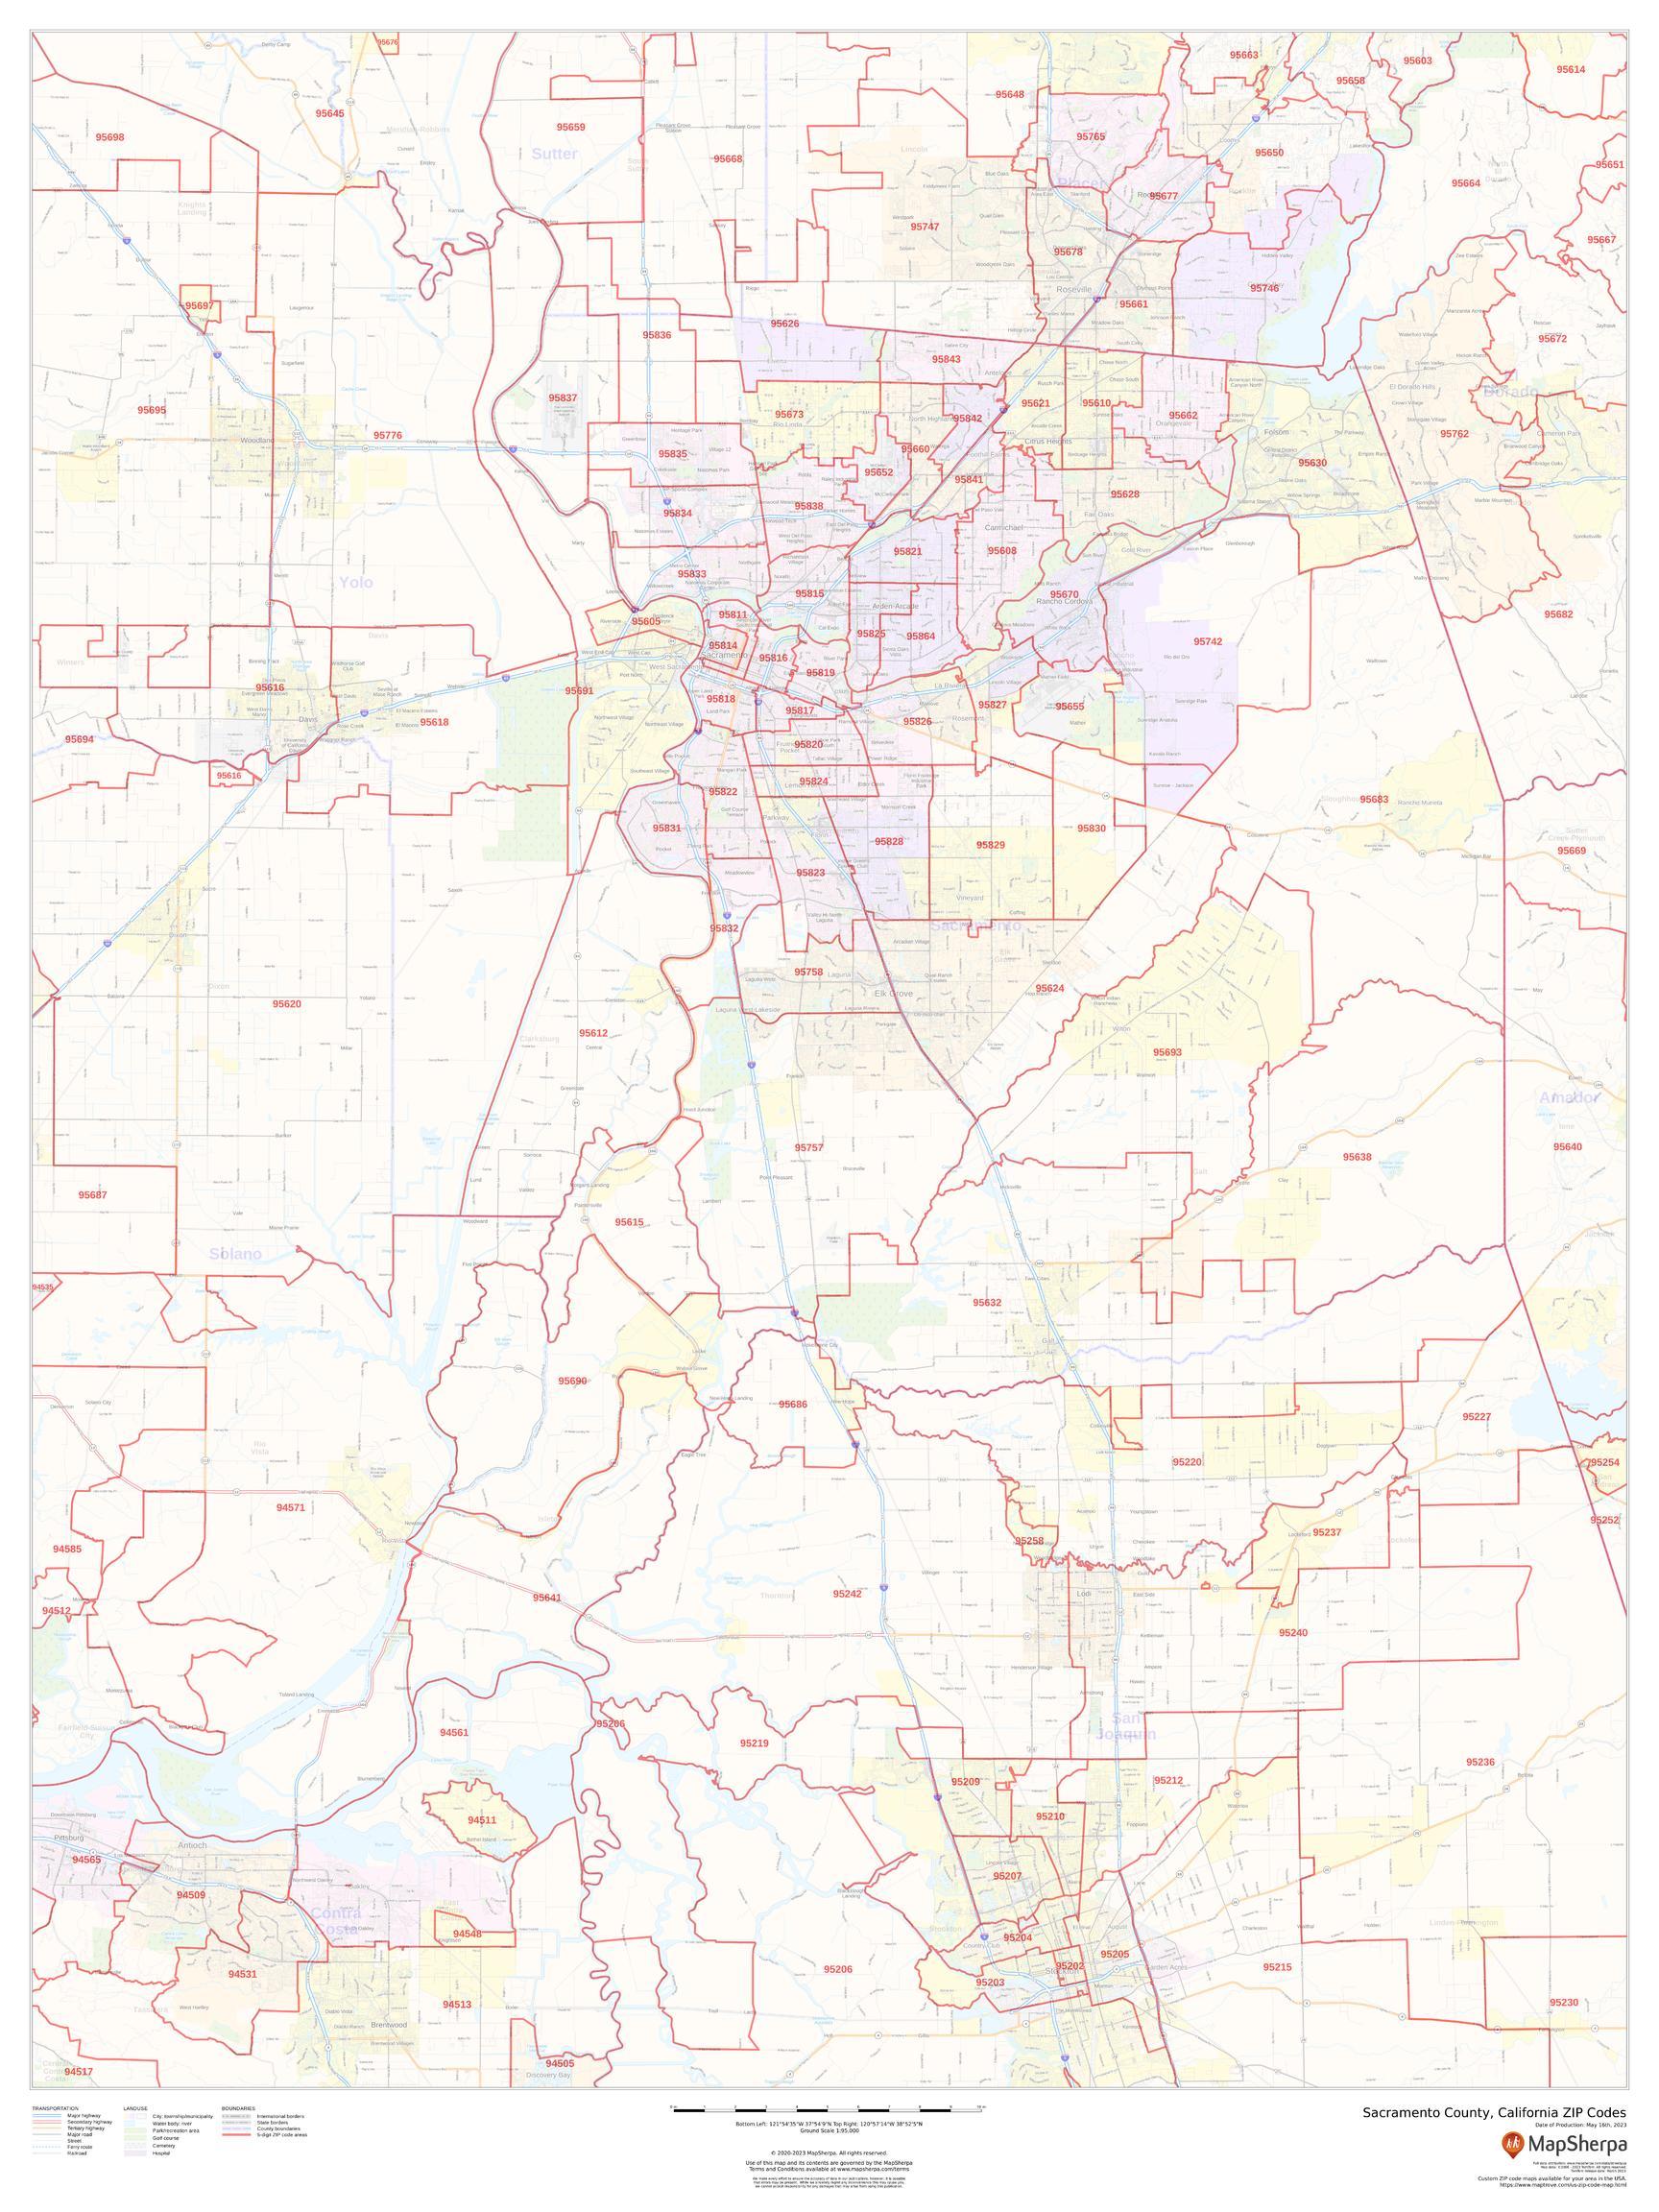 Sacramento County, California ZIP Codes